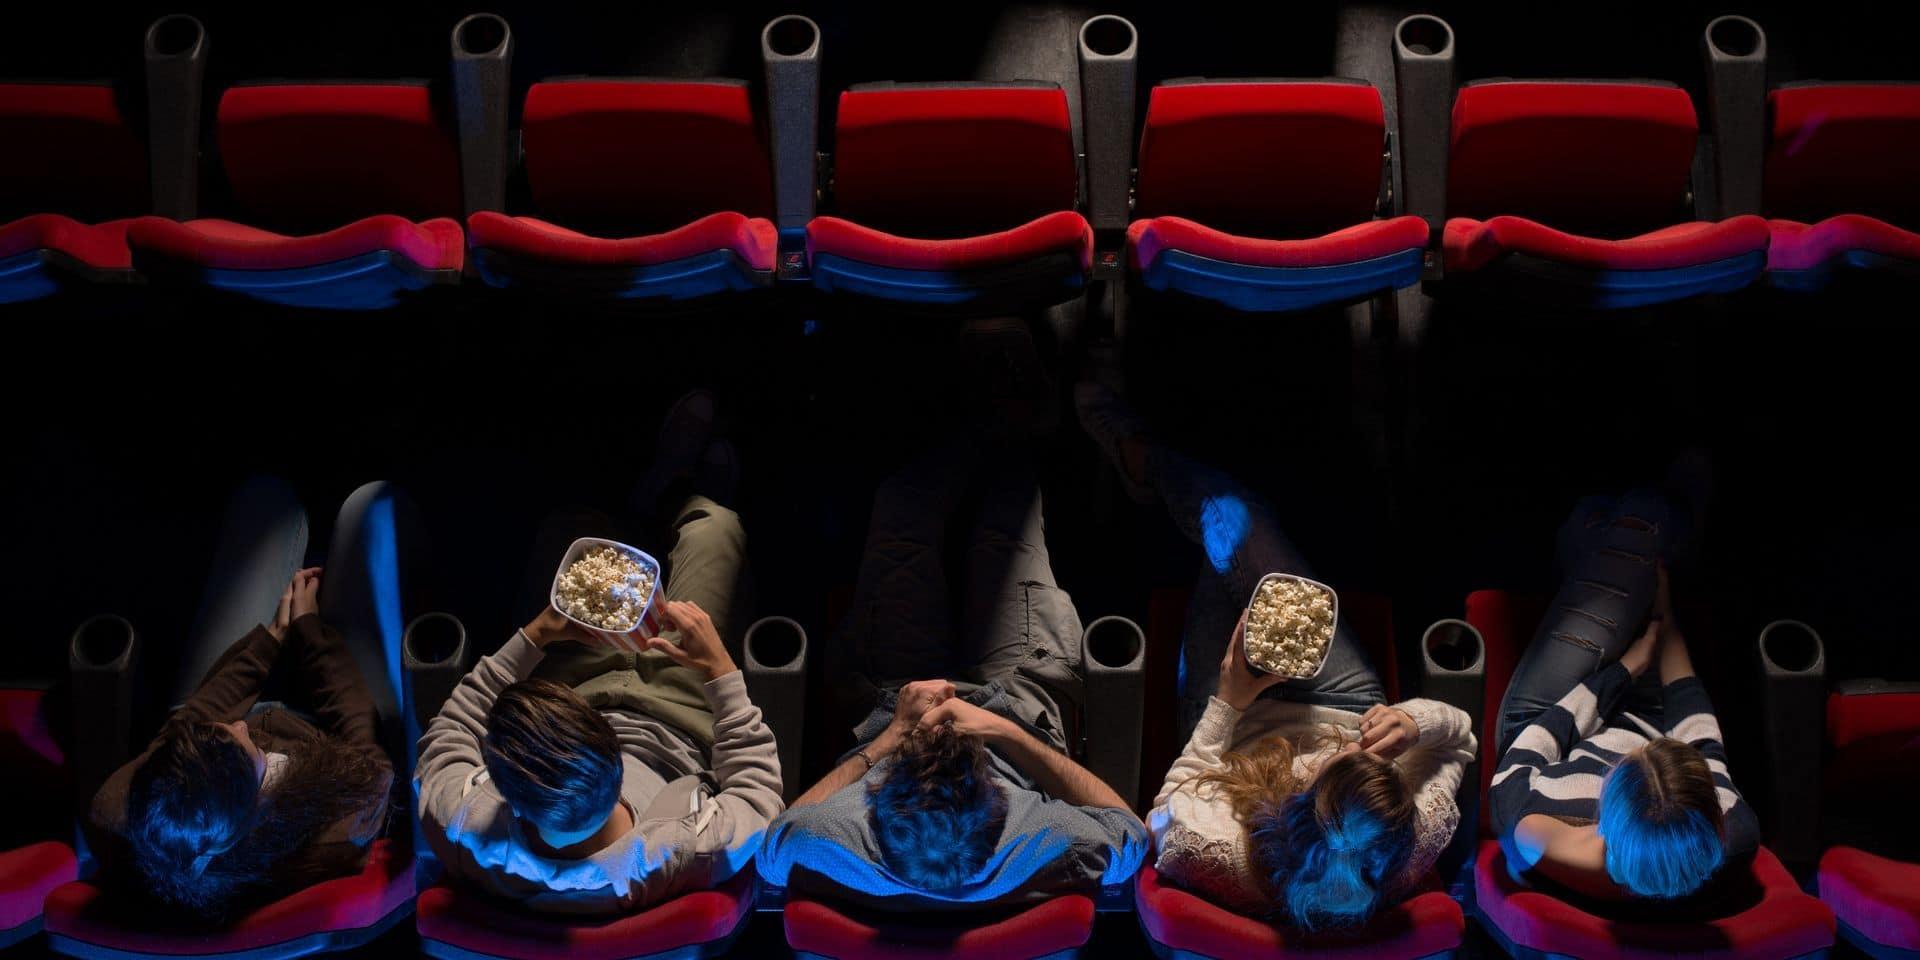 Une tournée des cinémas drive-ins organisée cet été aux Etats-Unis